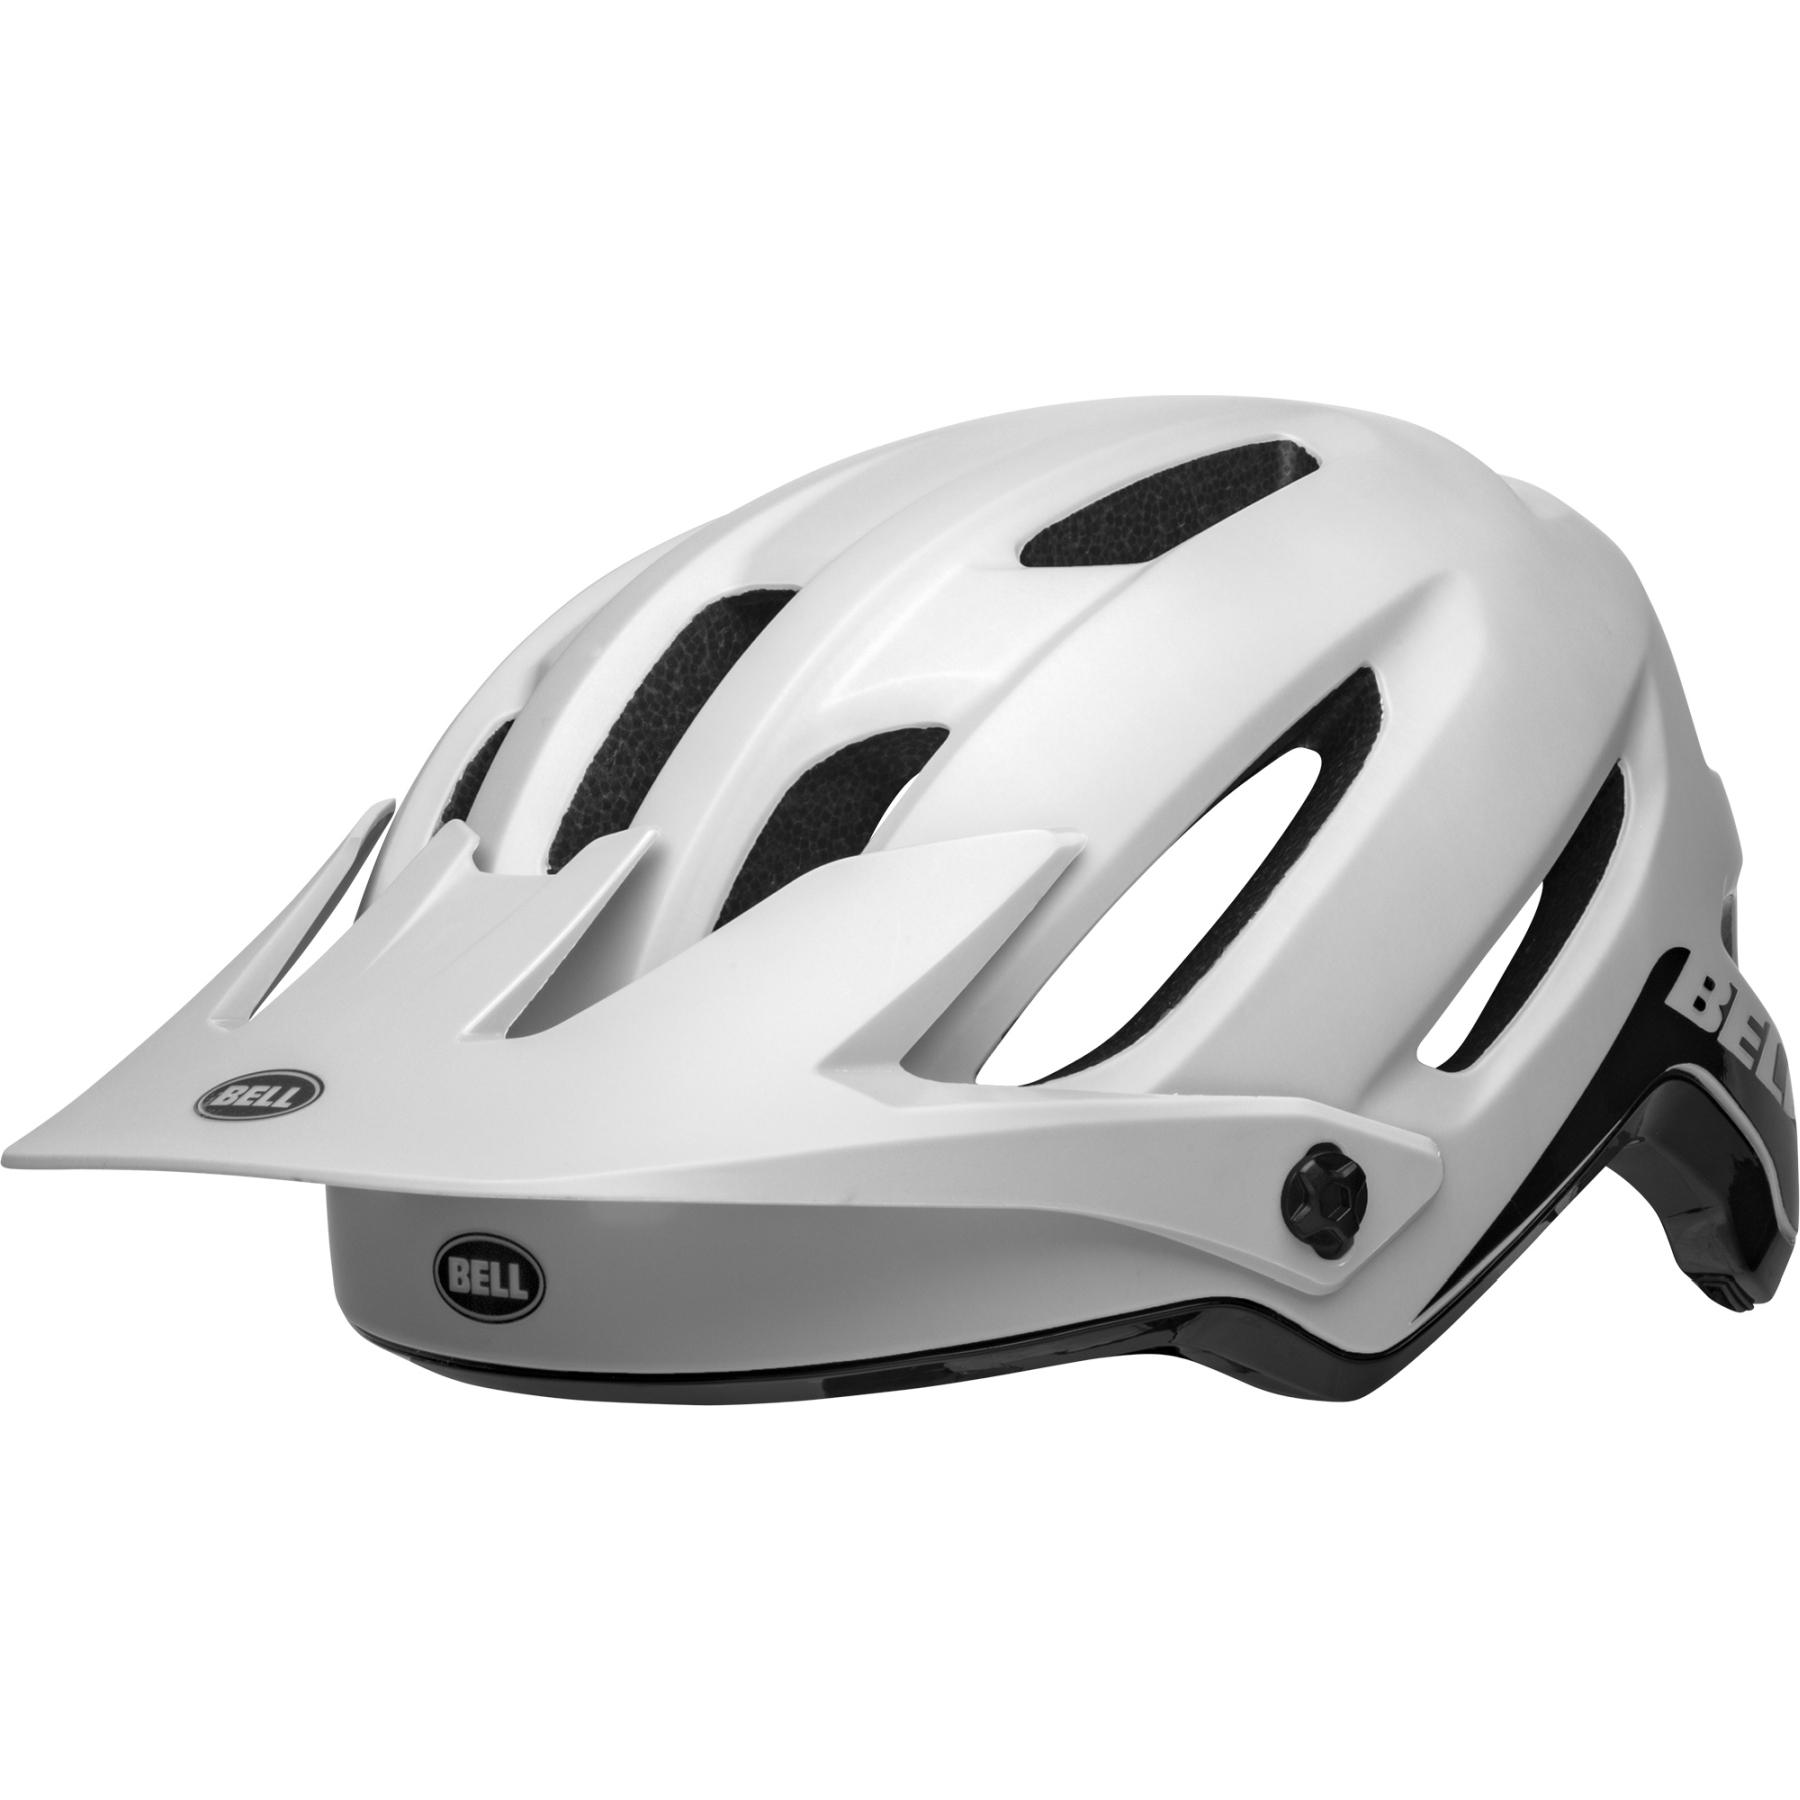 Bell 4Forty MIPS Helmet - matte/gloss white/black